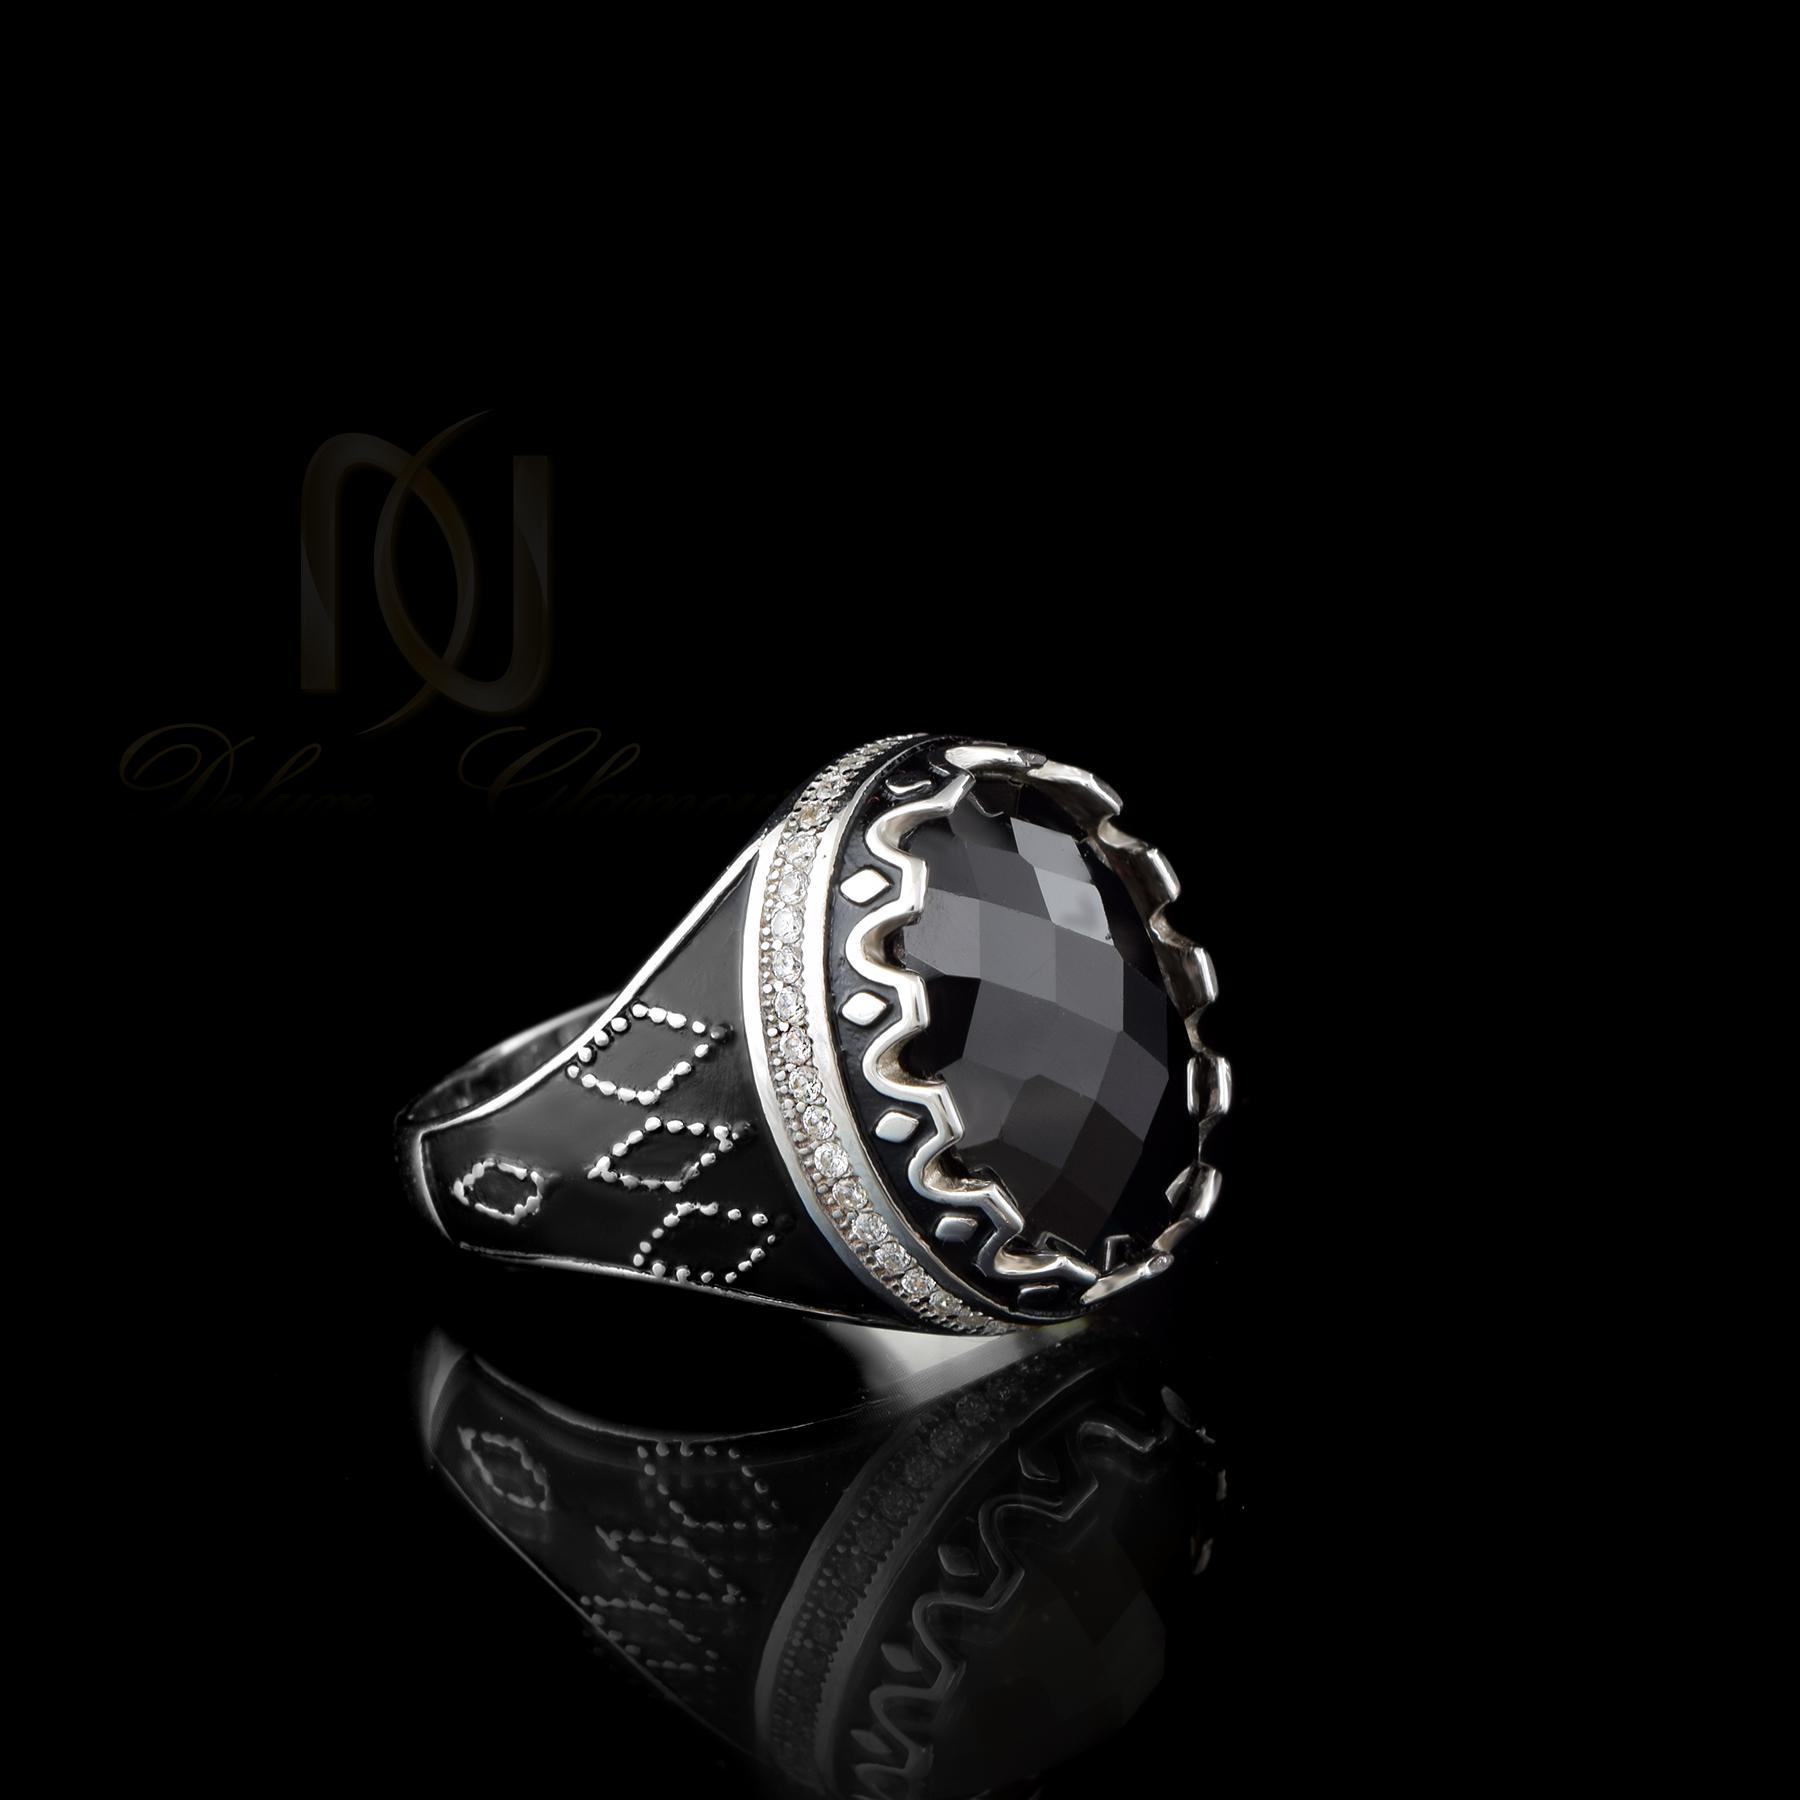 انگشتر نقره مردانه نگين عقيق rg-n334